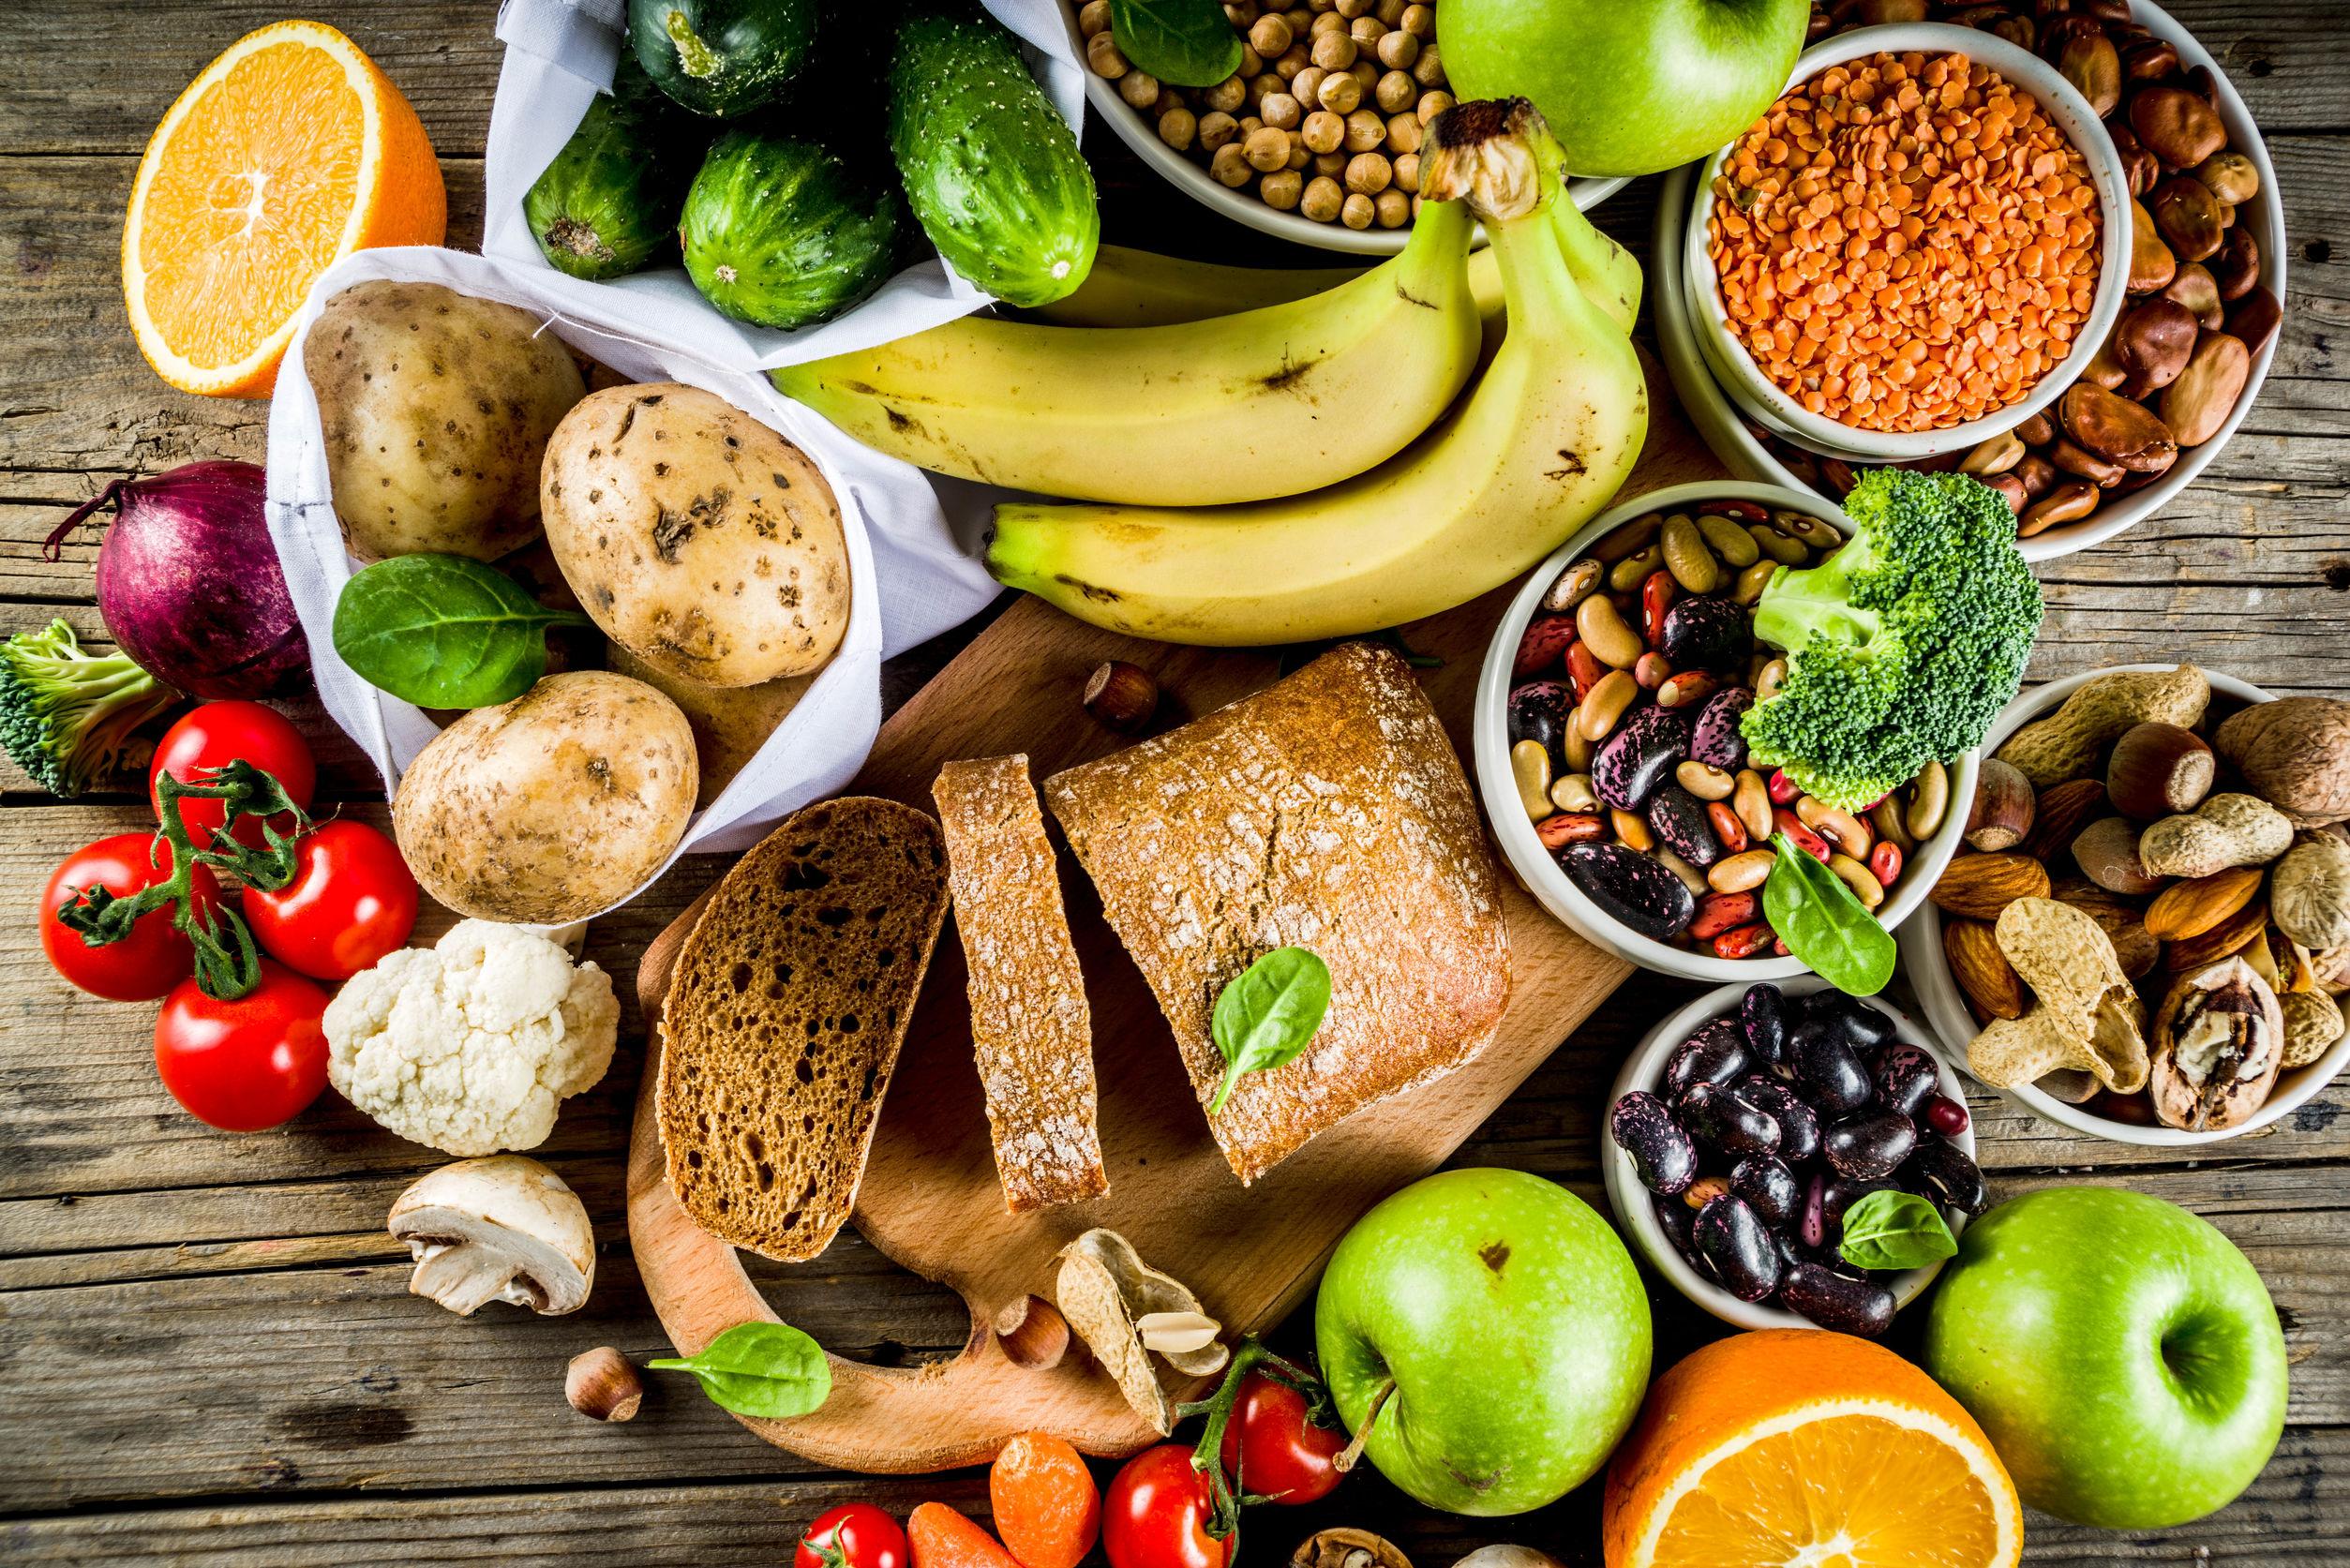 alimentos de dieta vegana